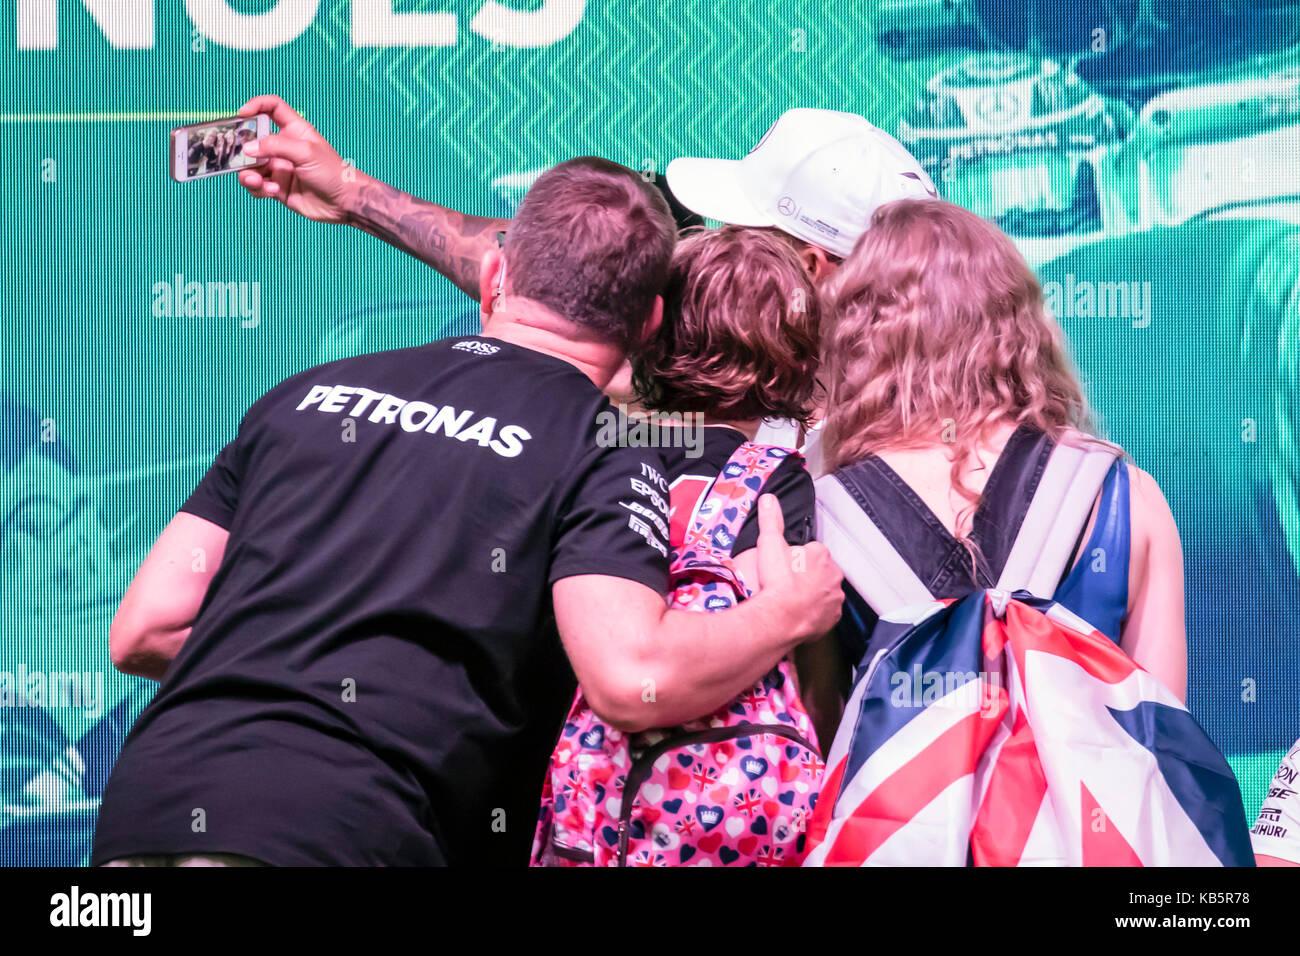 Lewis Hamilton 2017 Stock Photos Lewis Hamilton 2017 Stock Images